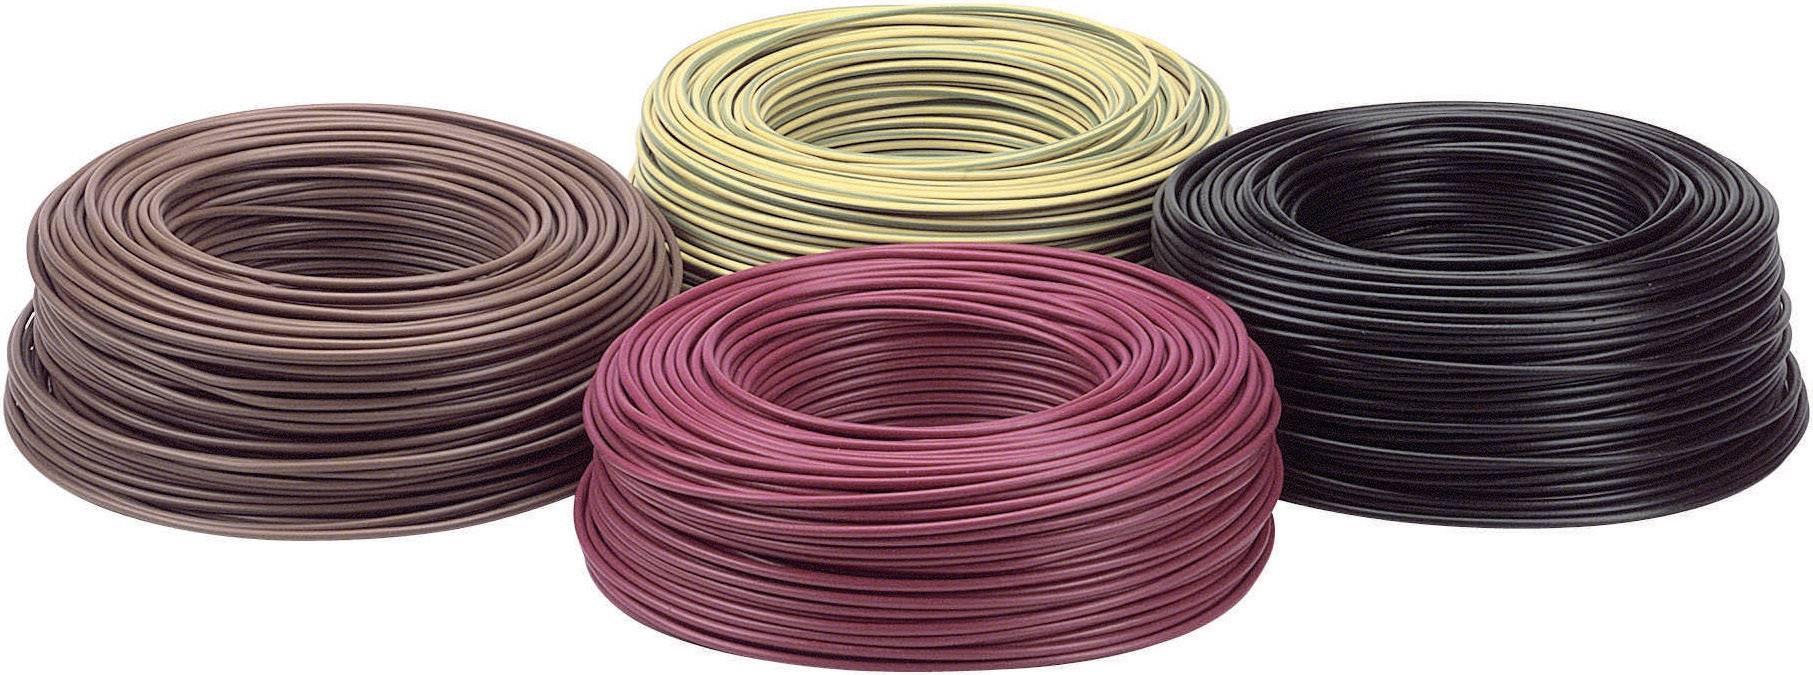 Opletenie / lanko LappKabel 4520013 H07V-K, 1 x 4 mm², vonkajší Ø 4.80 mm, 100 m, čierna